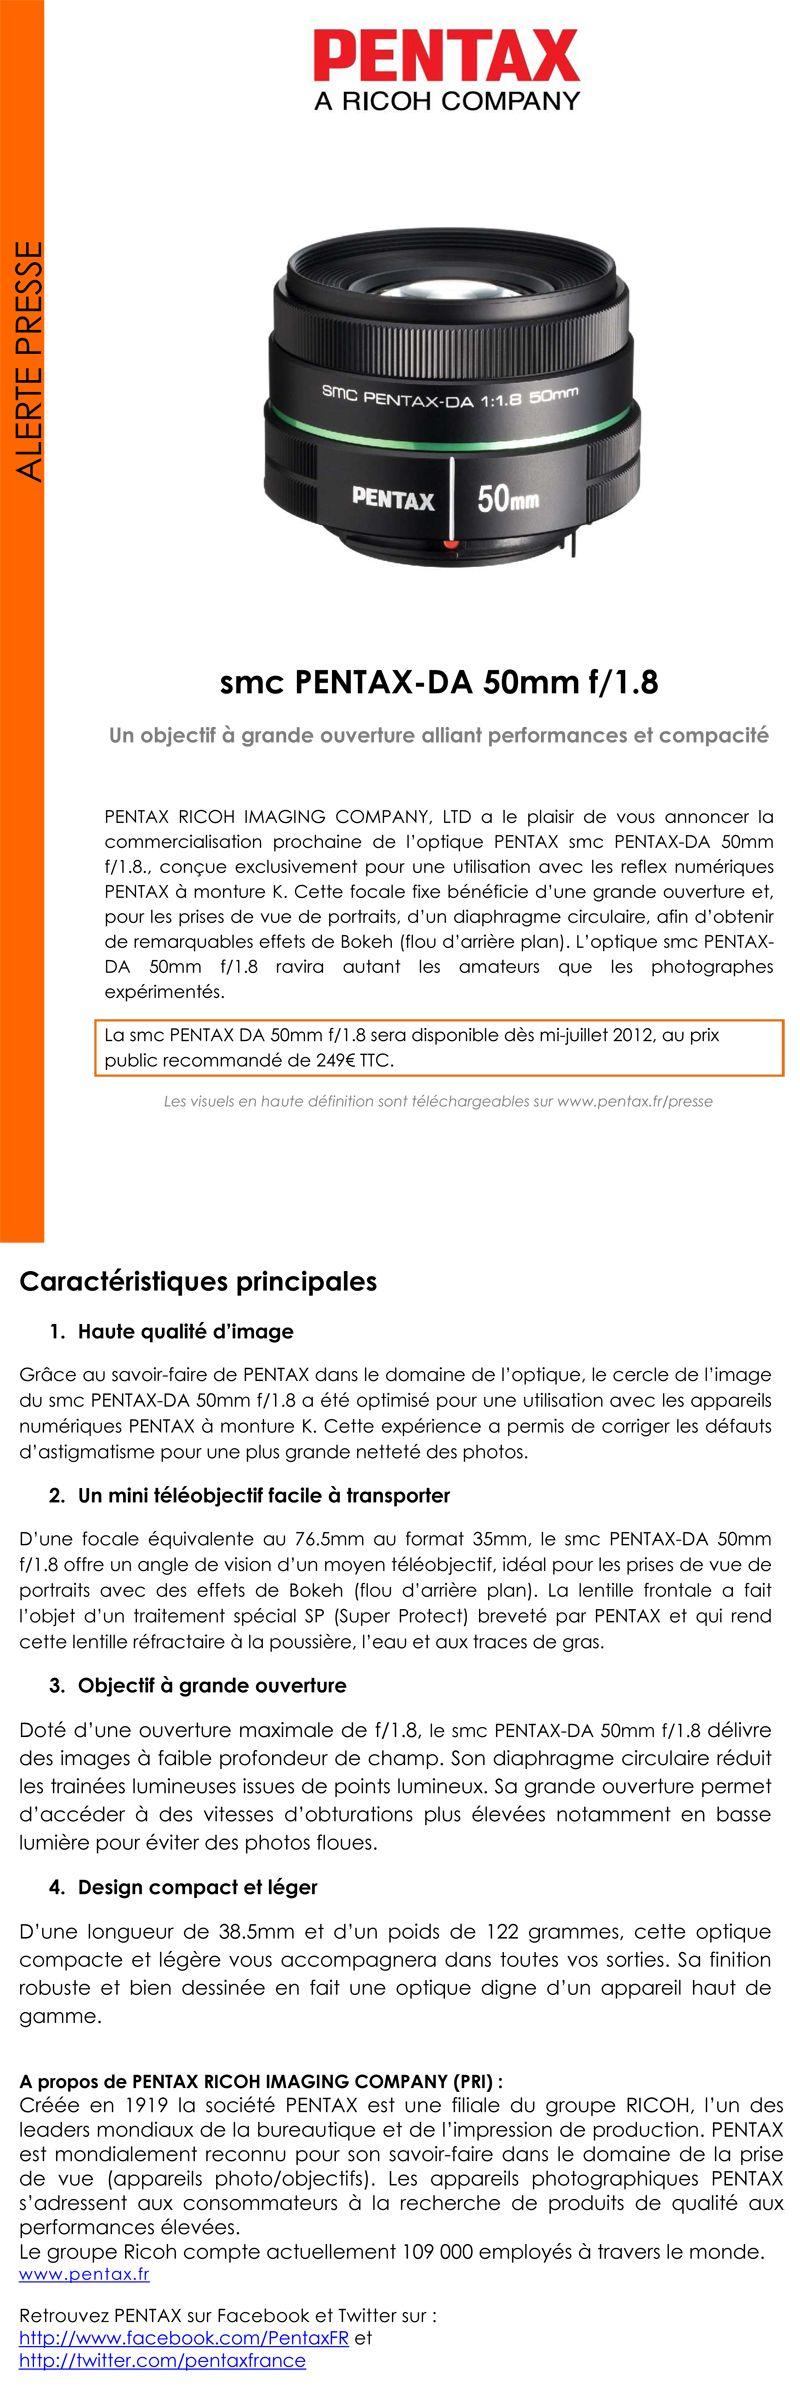 smc PENTAX-DA 50mm f/1.8 - Pentax Ricoh - Communiqué de presse du 22 mai 2012 Forumcp50mm